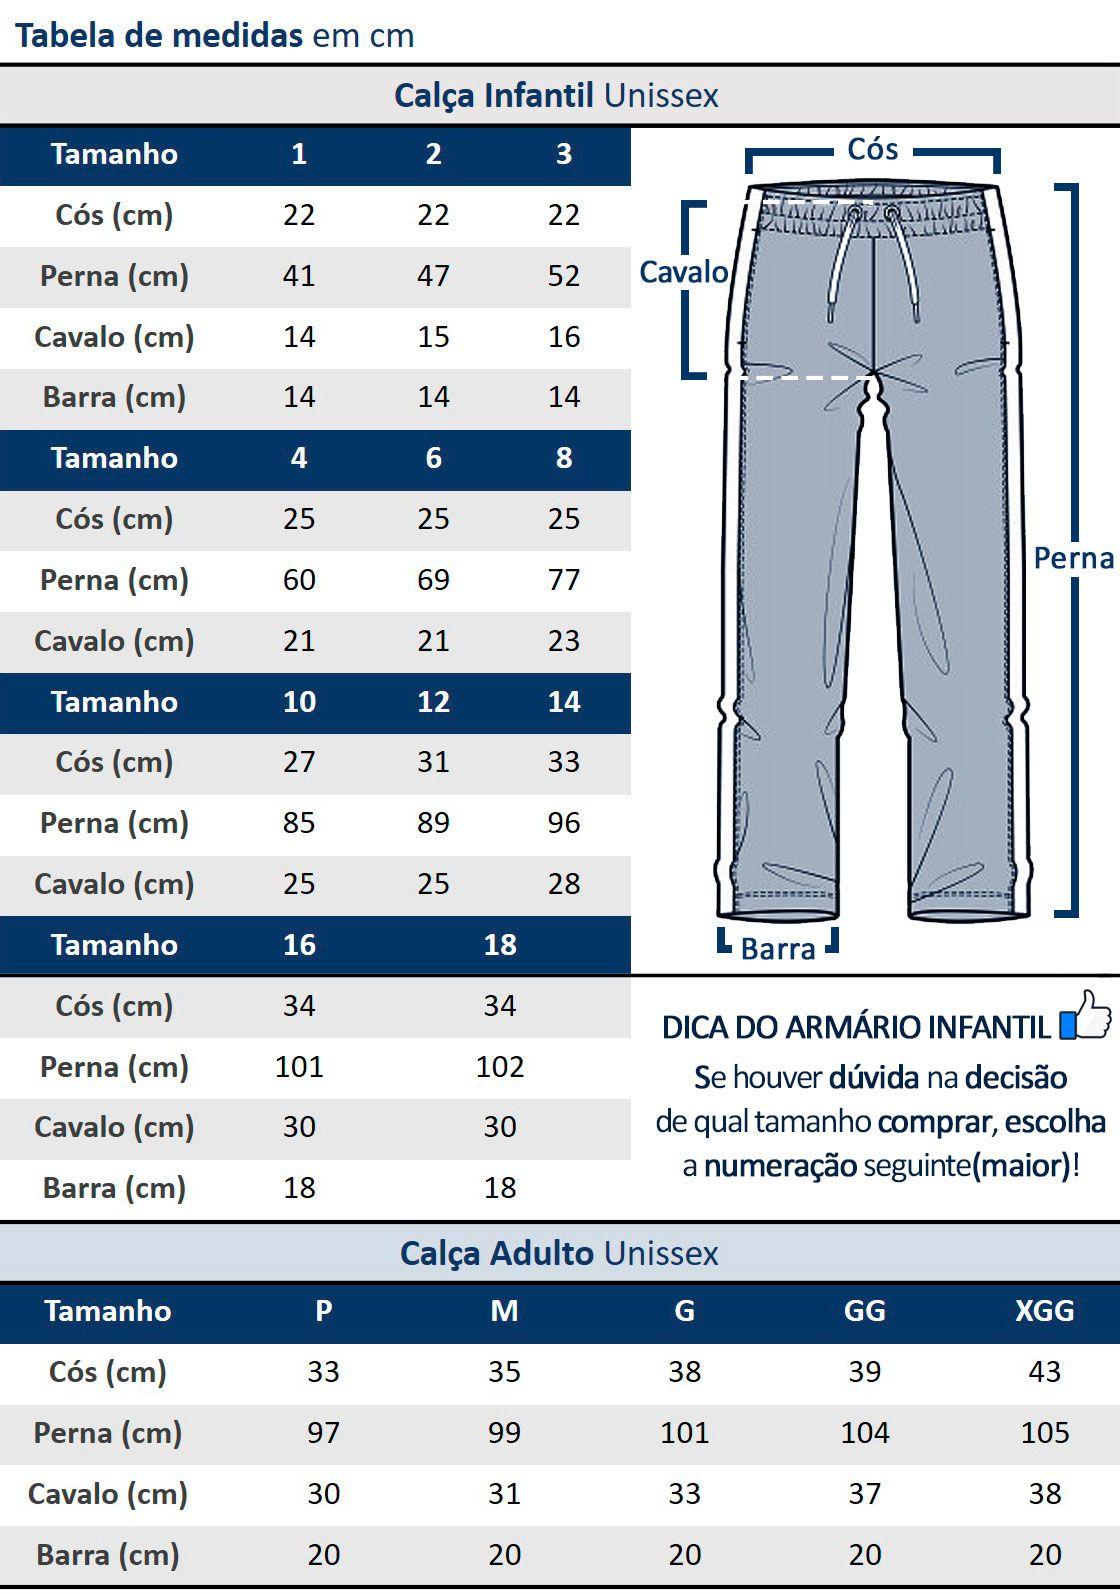 Calça Legging de Moletom Feminina Infantil Preta Flanelada com Punho Malwee: Tabela de medidas